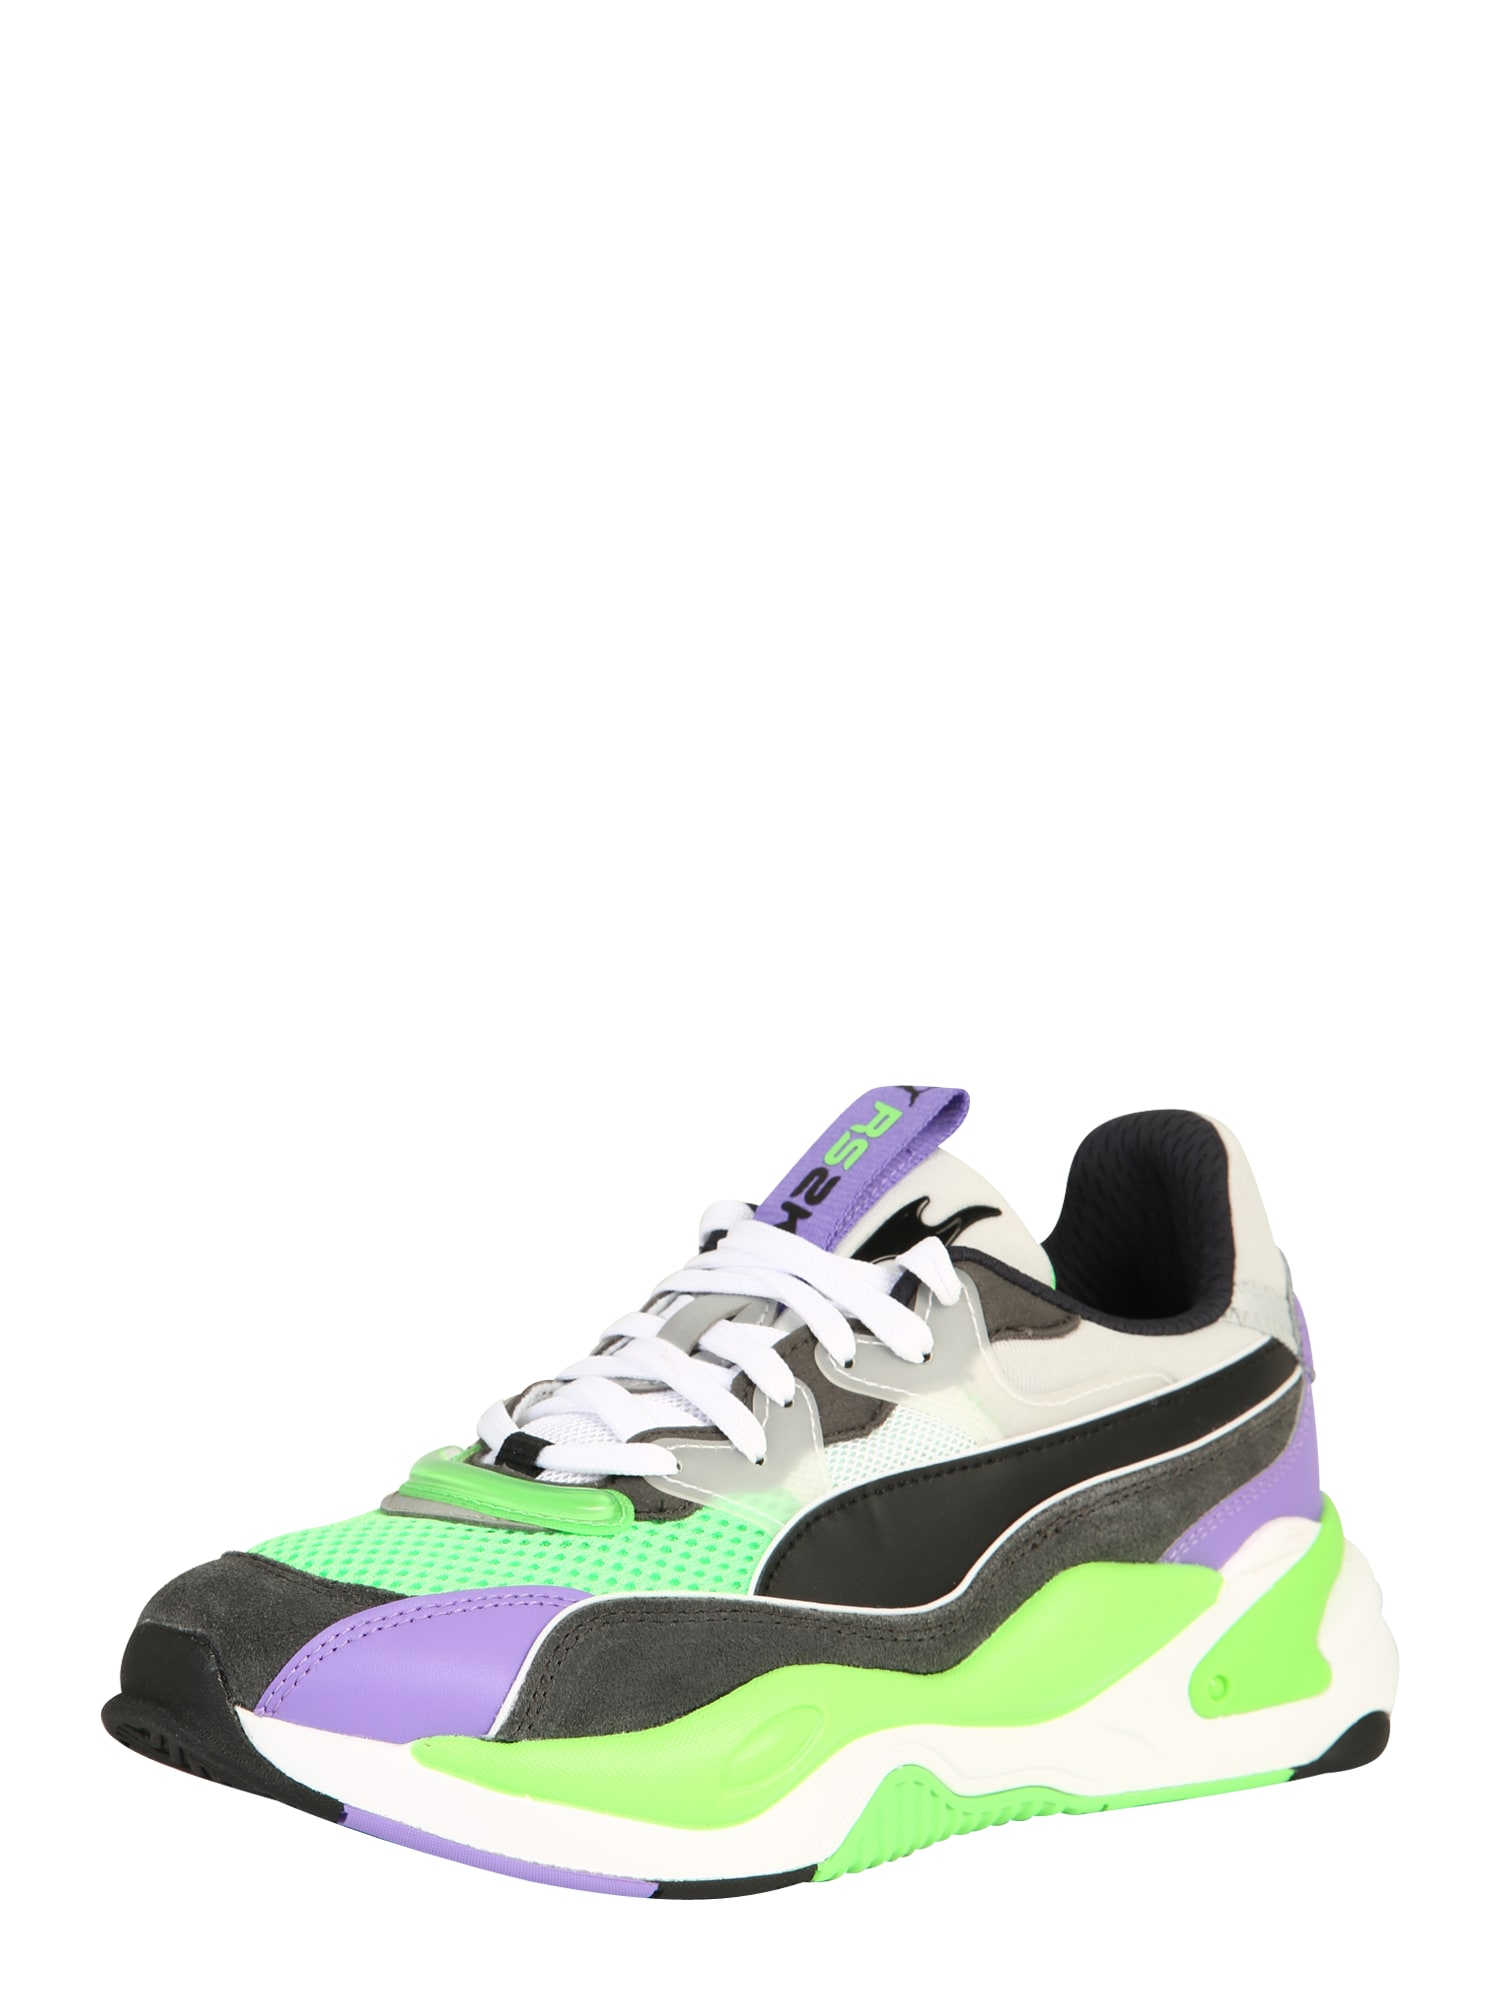 PUMA Nízke tenisky  fialová / neónovo zelená / čierna / svetlosivá